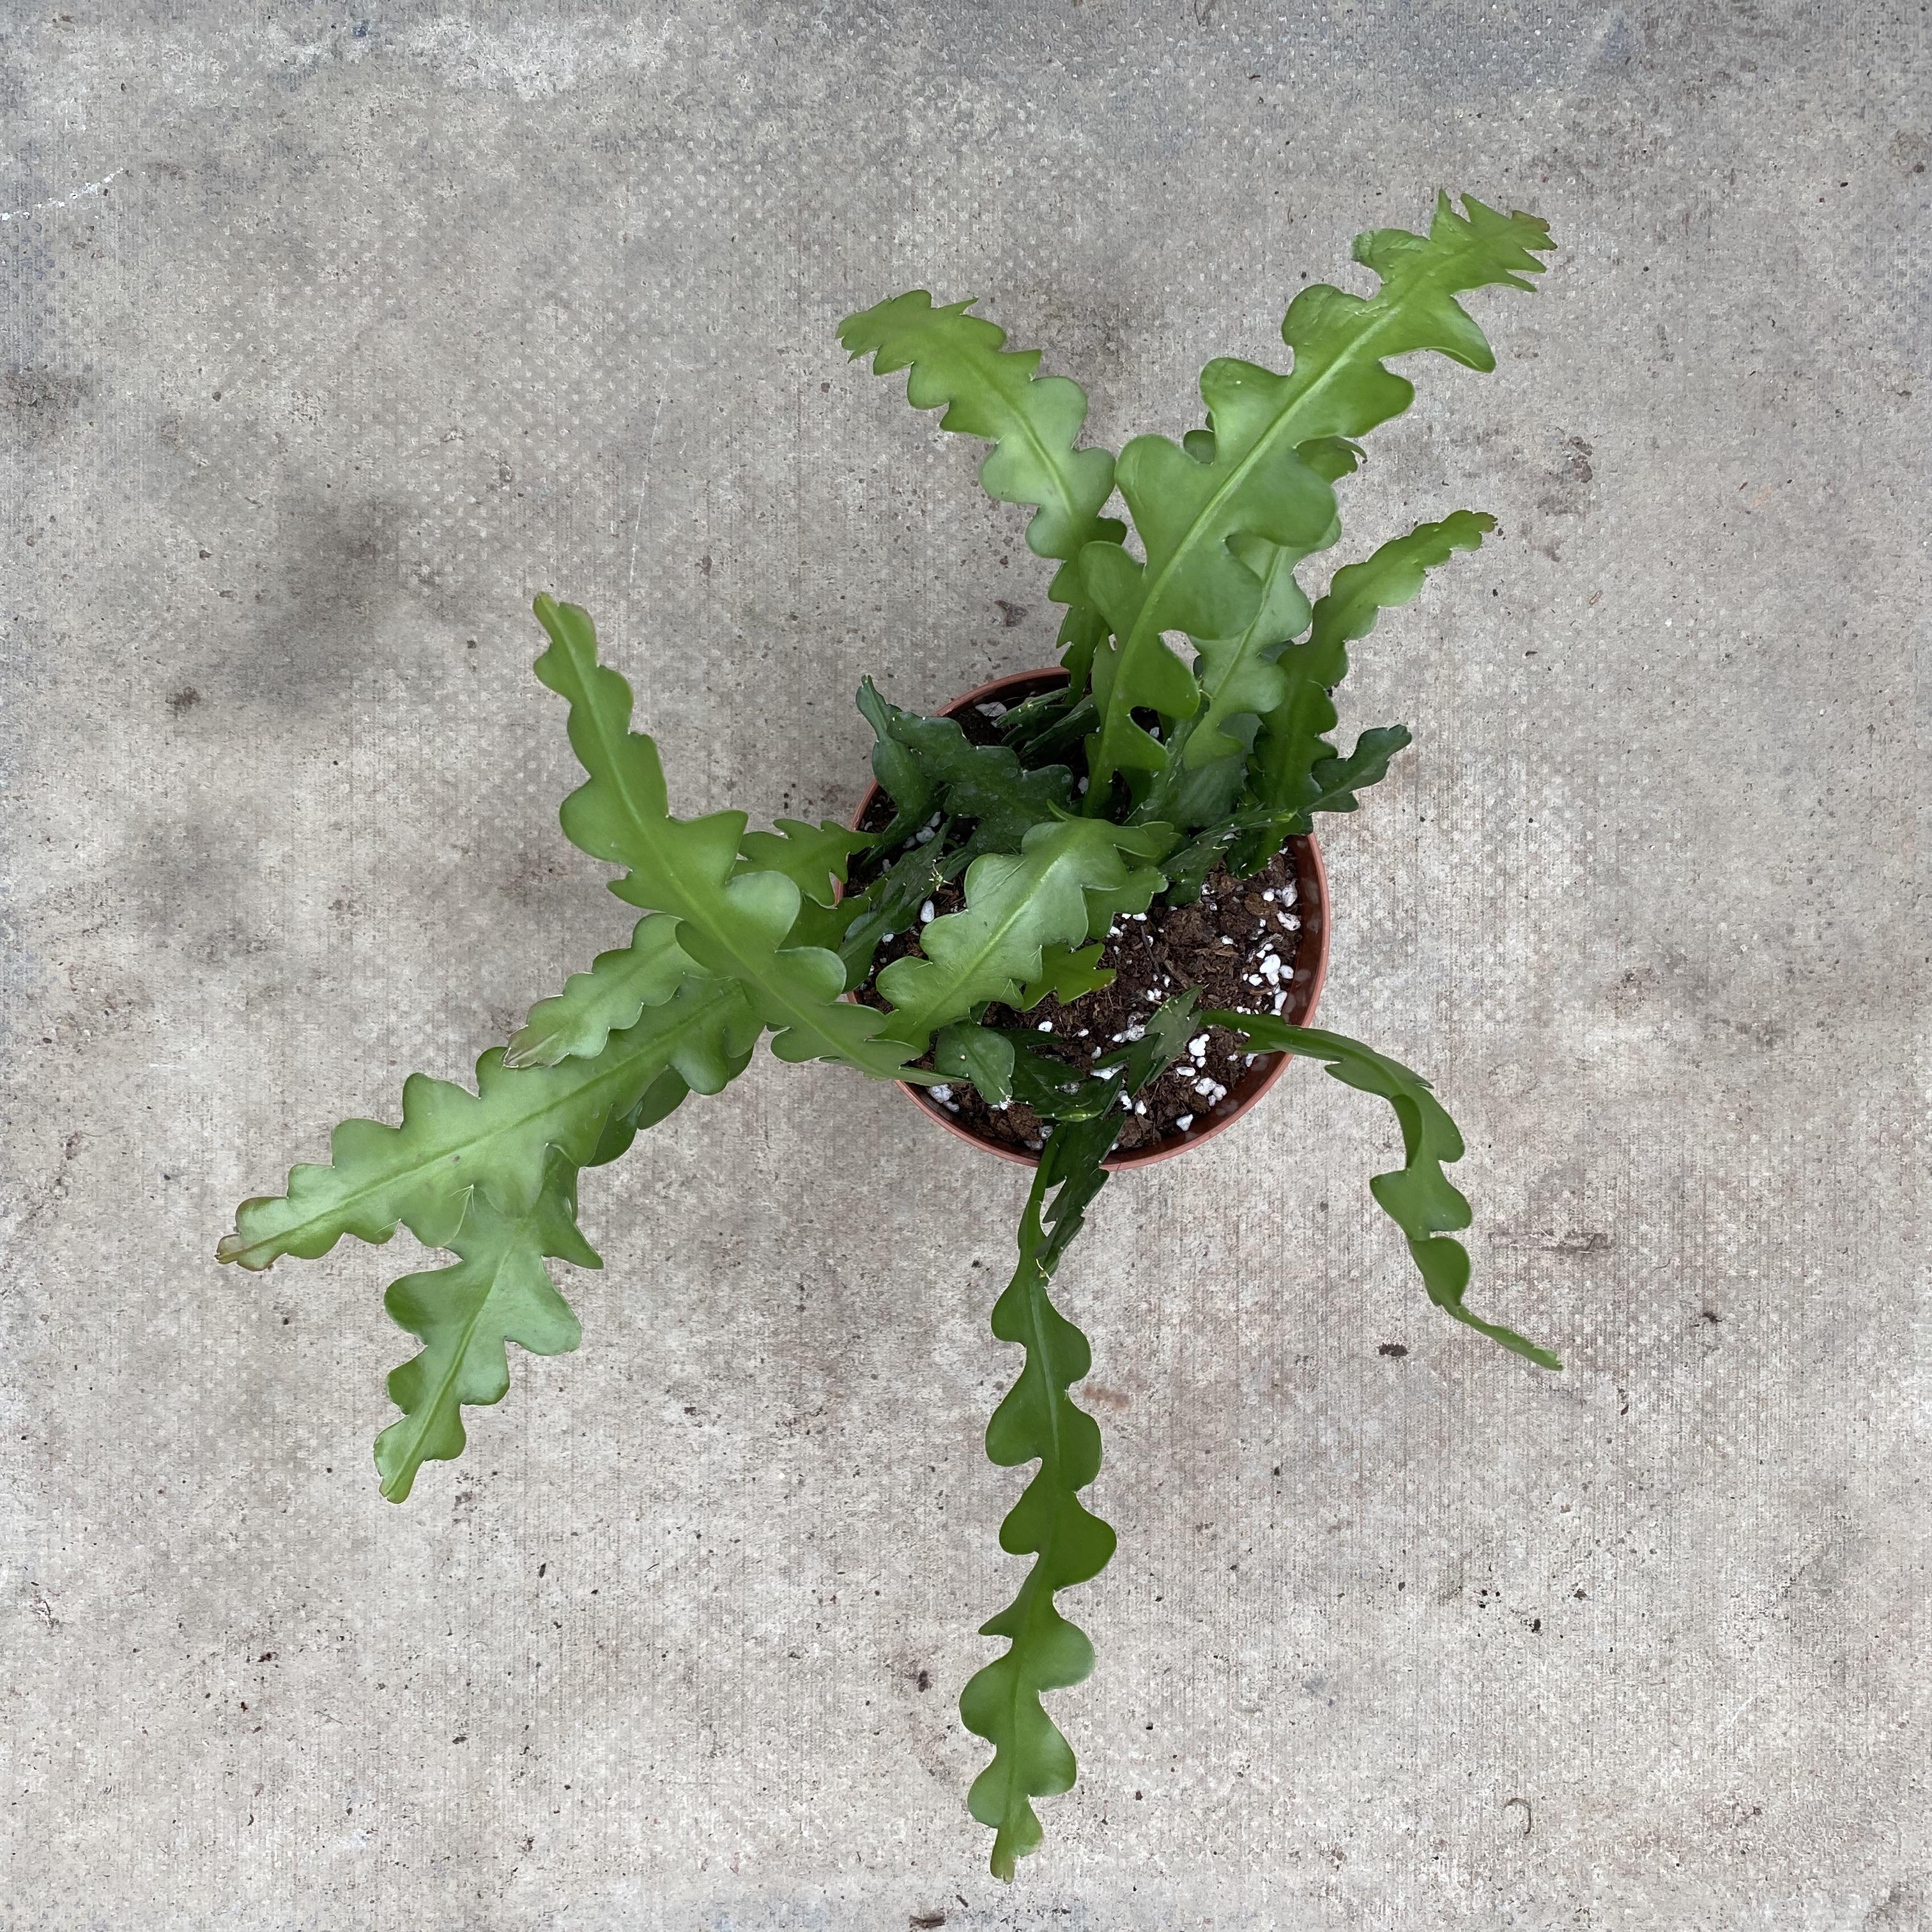 Epiphyllum angulliger (Fishbone Cactus)